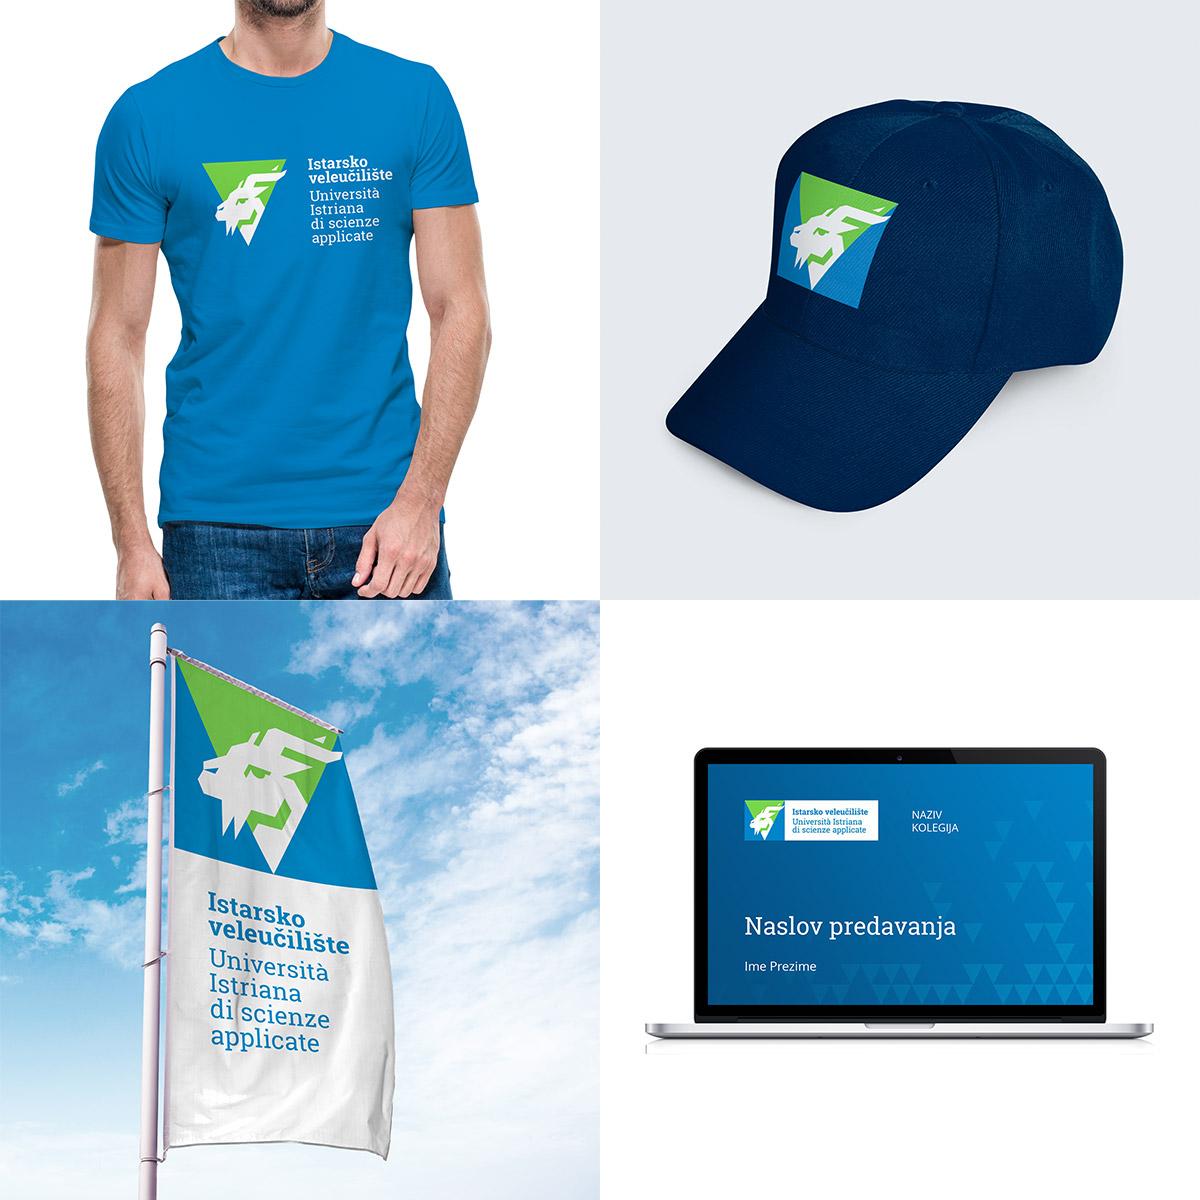 Istarsko veleučilište vizualni identitet - Majica, kapa, zastava, prezentacija